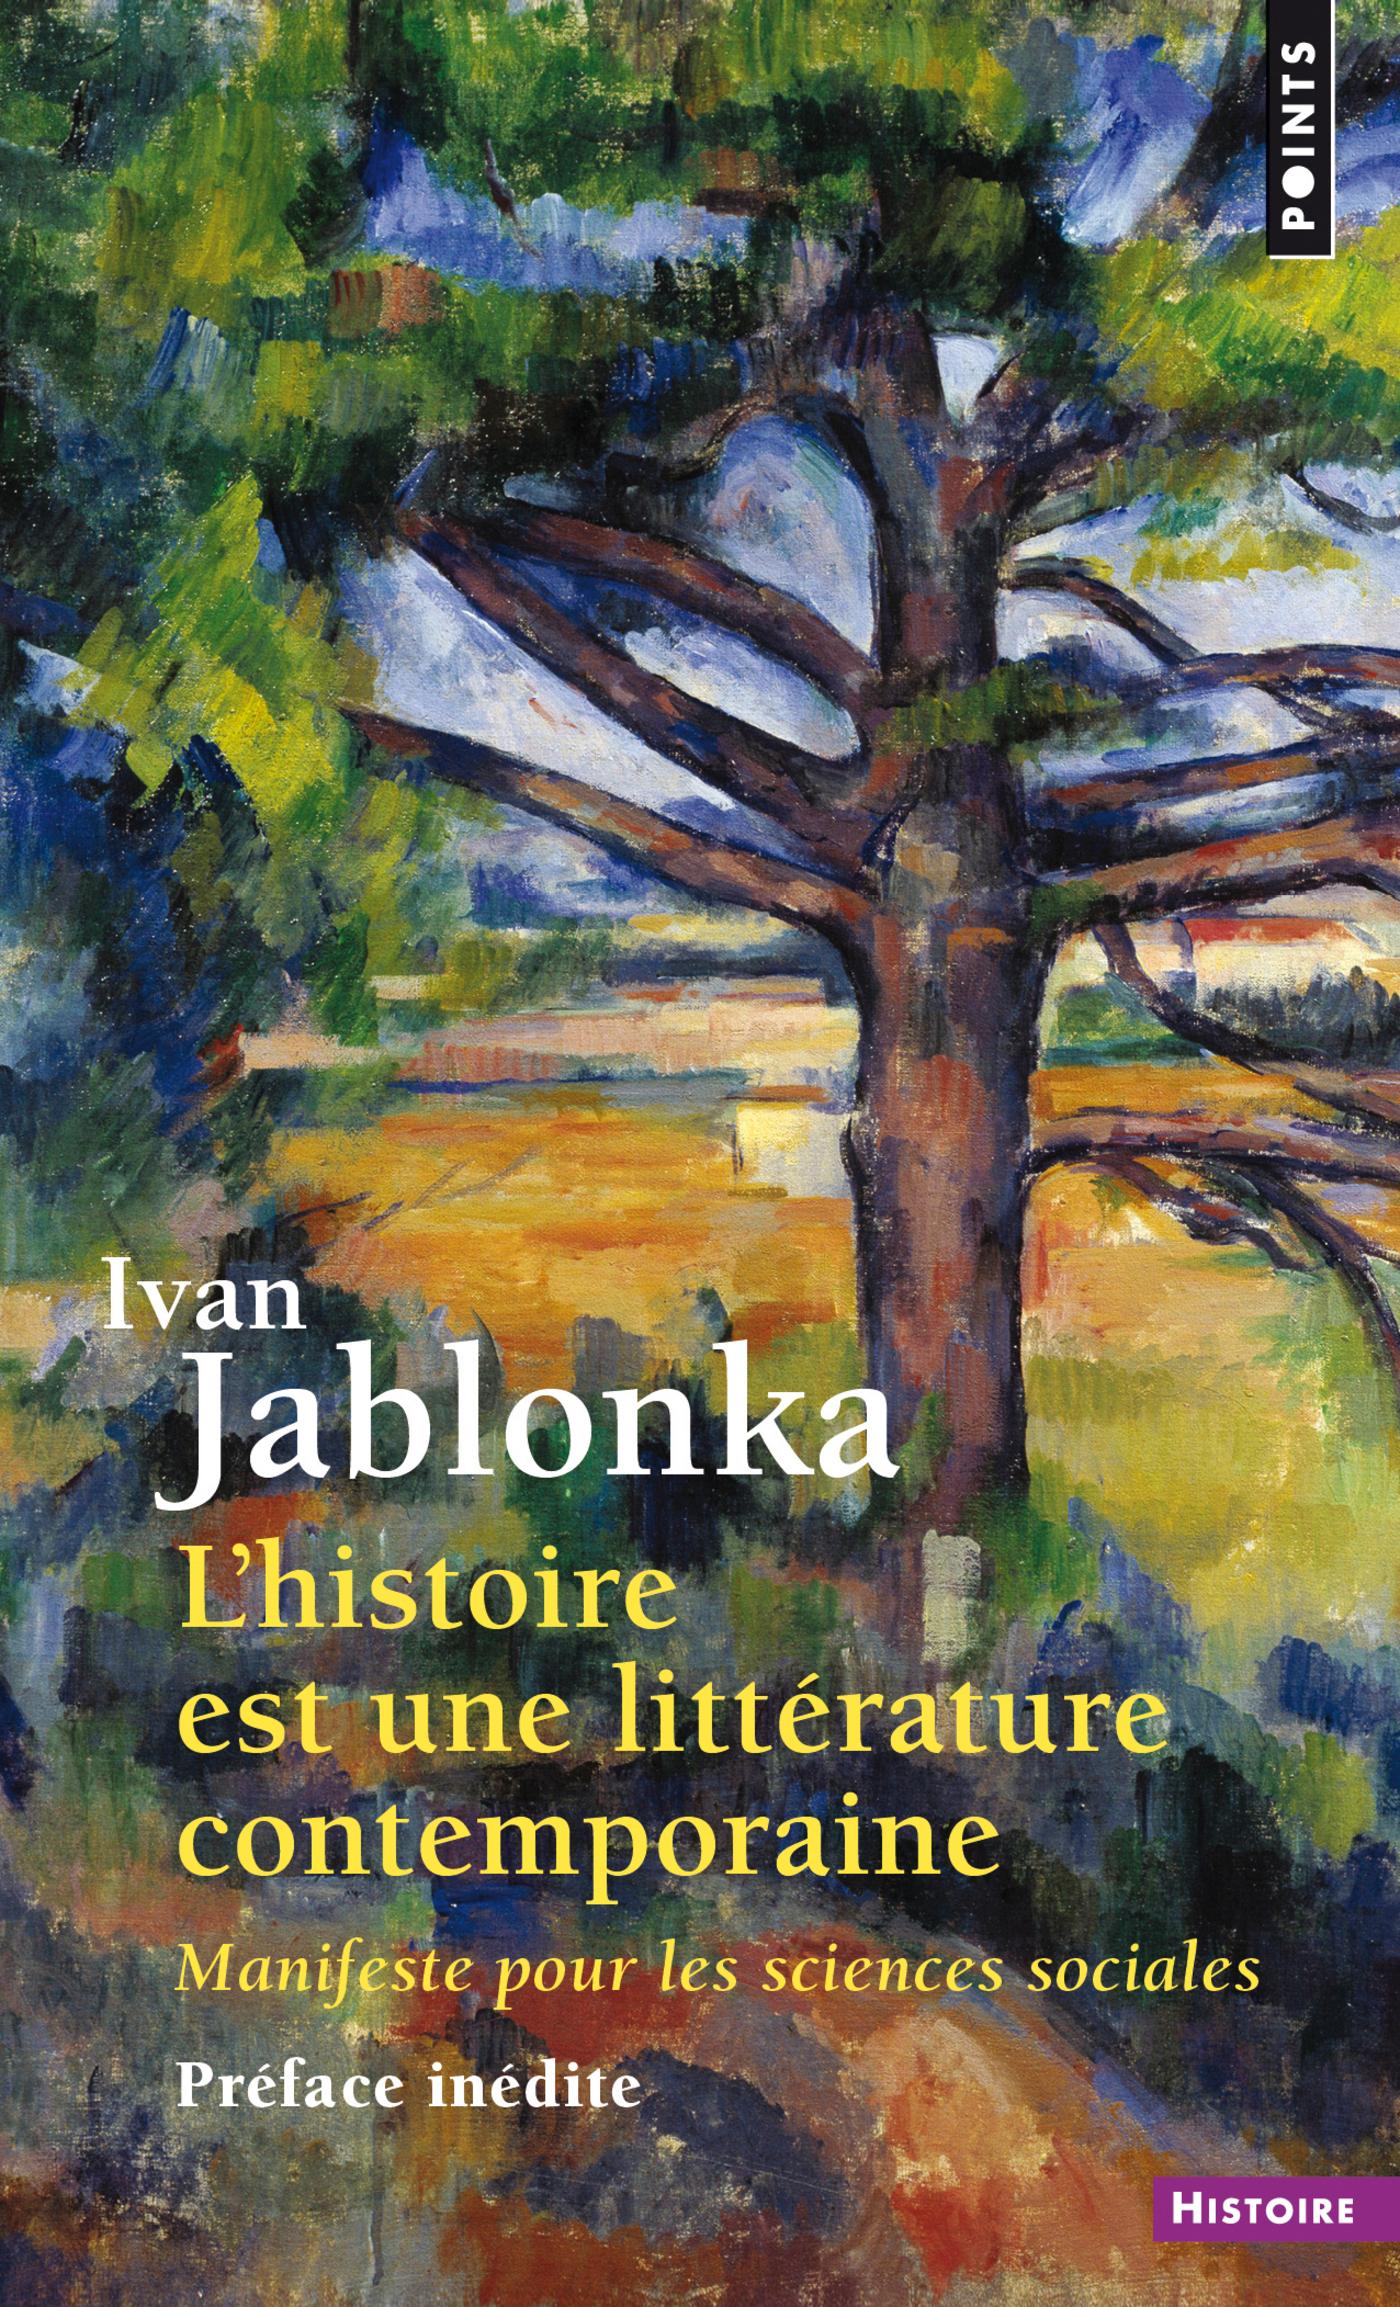 L'Histoire est une littérature contemporaine. Manifeste pour les sciences sociales | Jablonka, Ivan